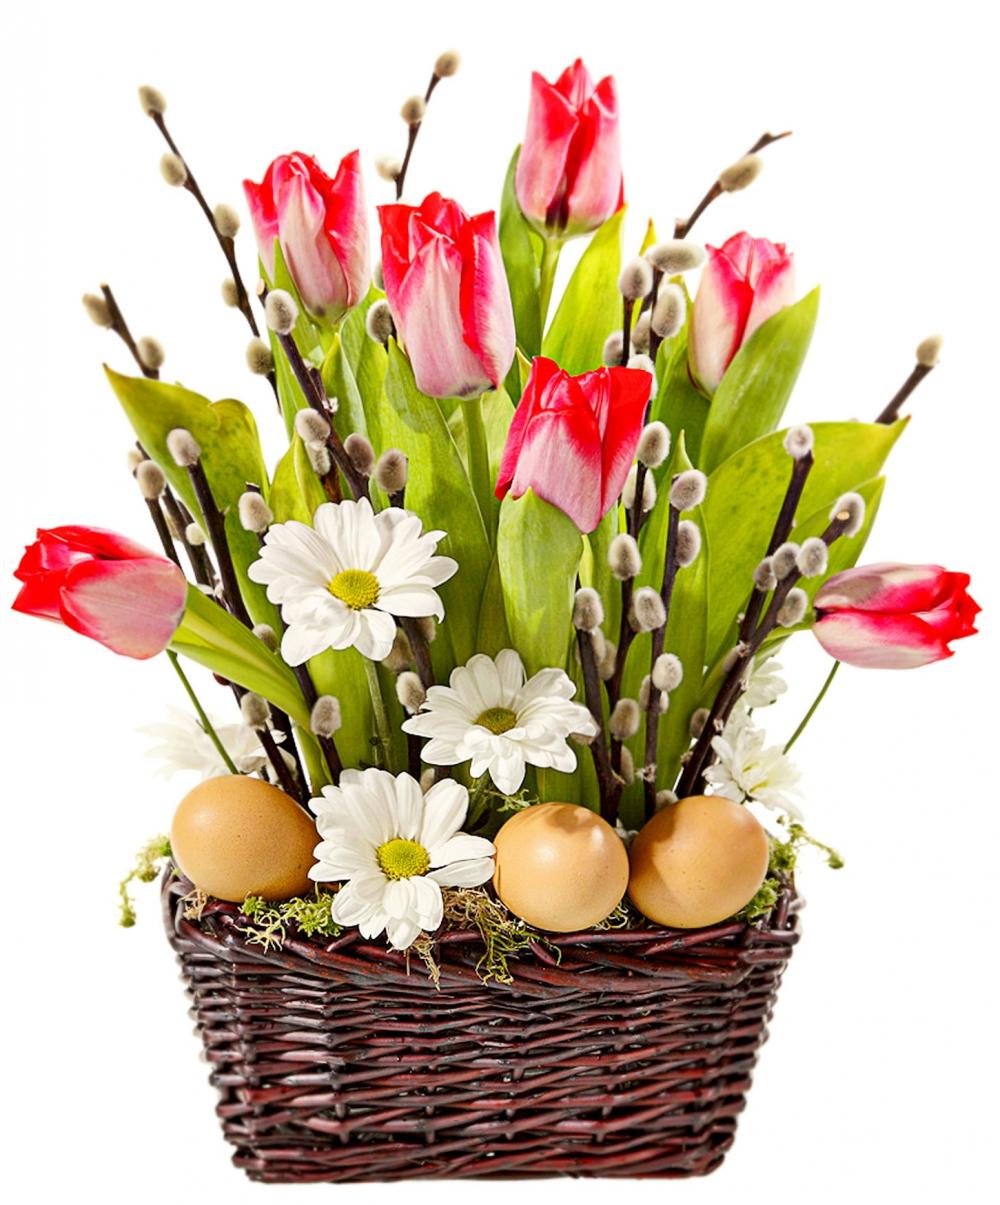 Для пасхального декора подойдут любые весенние цветы: тюльпаны, ландыши, нарциссы и ромашки.